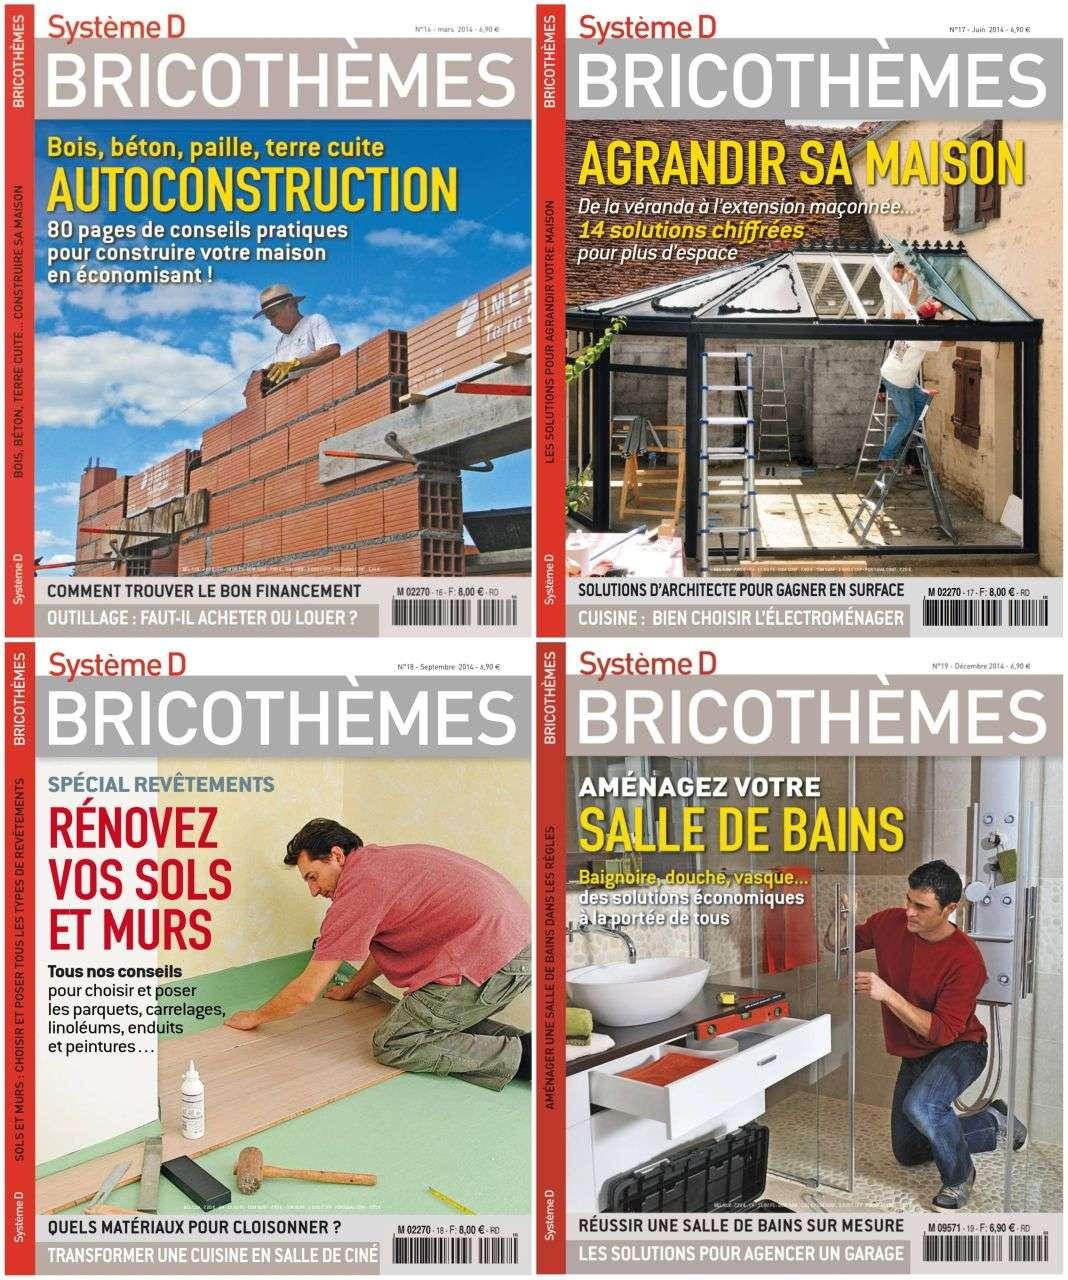 Système D Bricothèmes - Collection Annuelle 2014